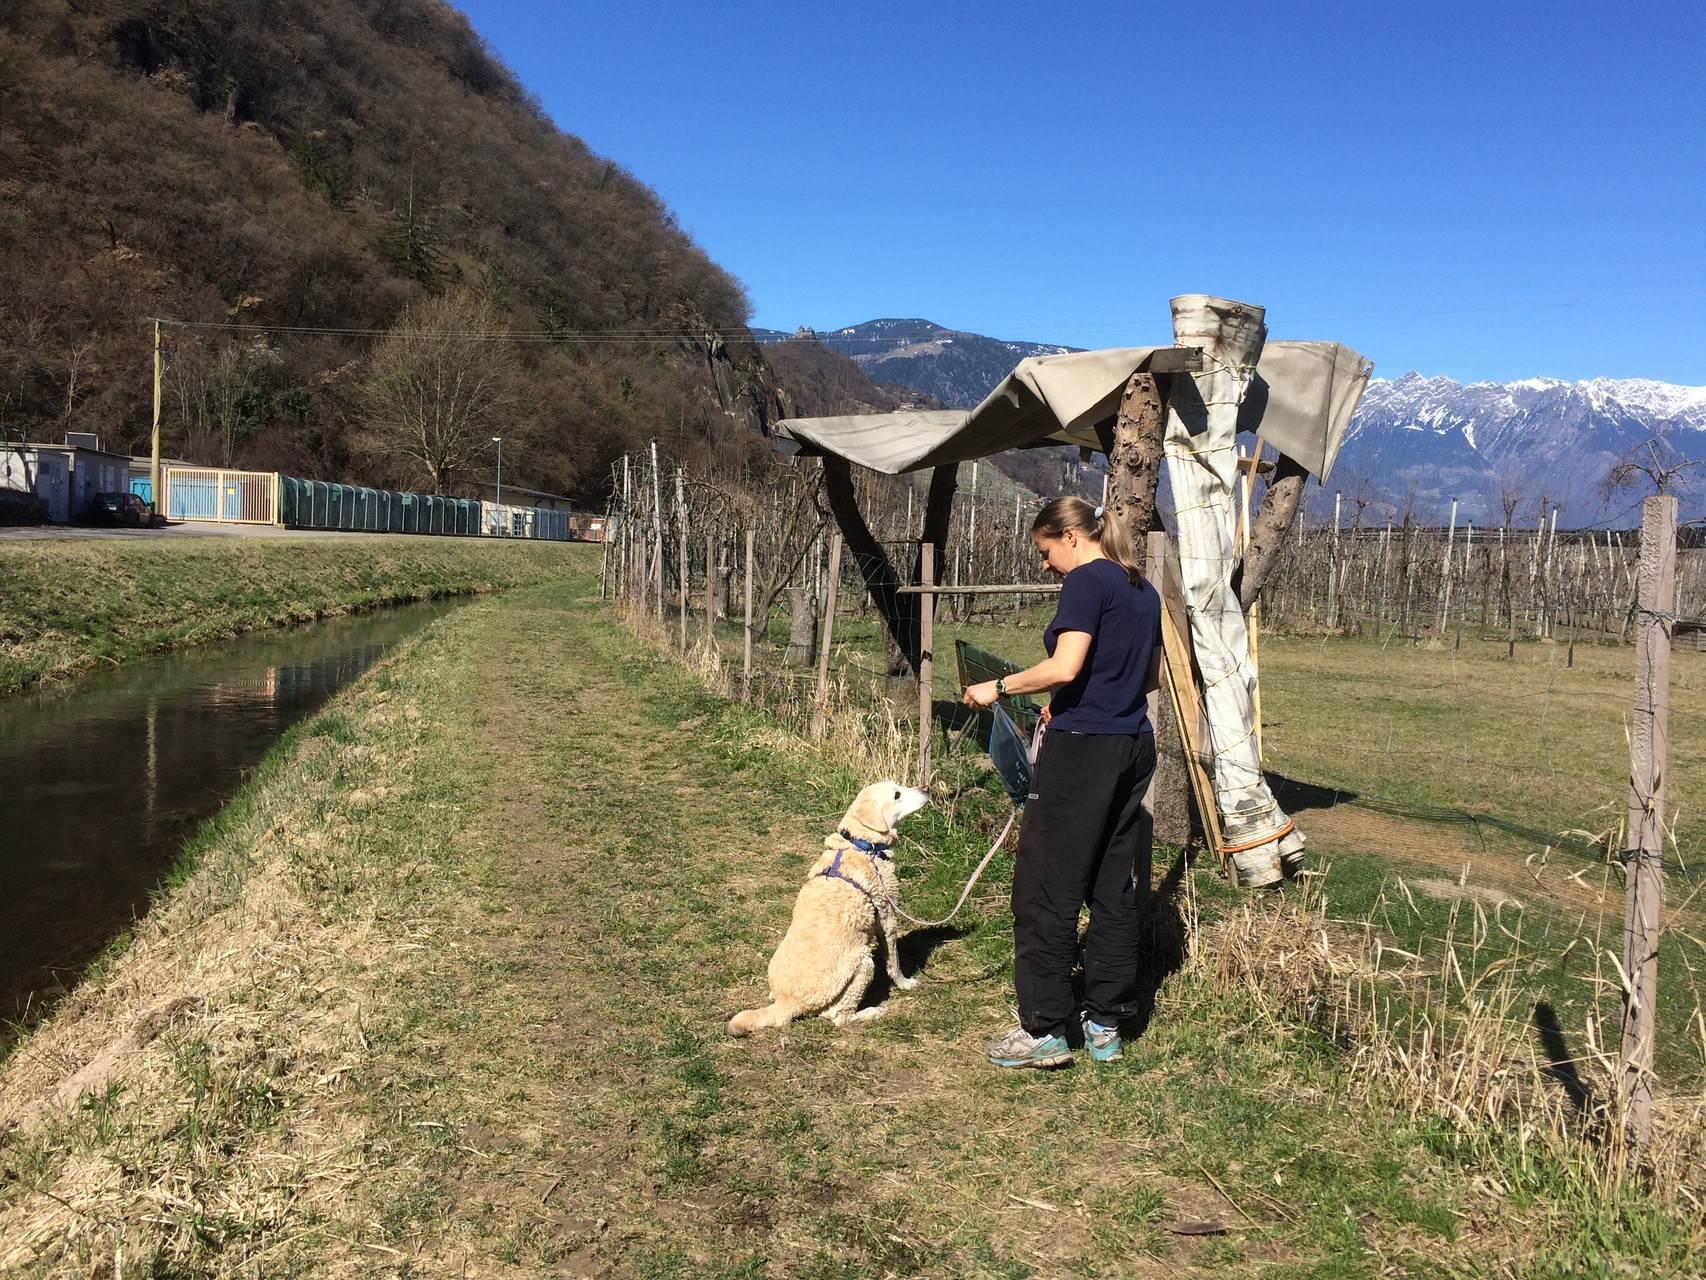 Die 13-jährige Bijou liebt das Trailen!